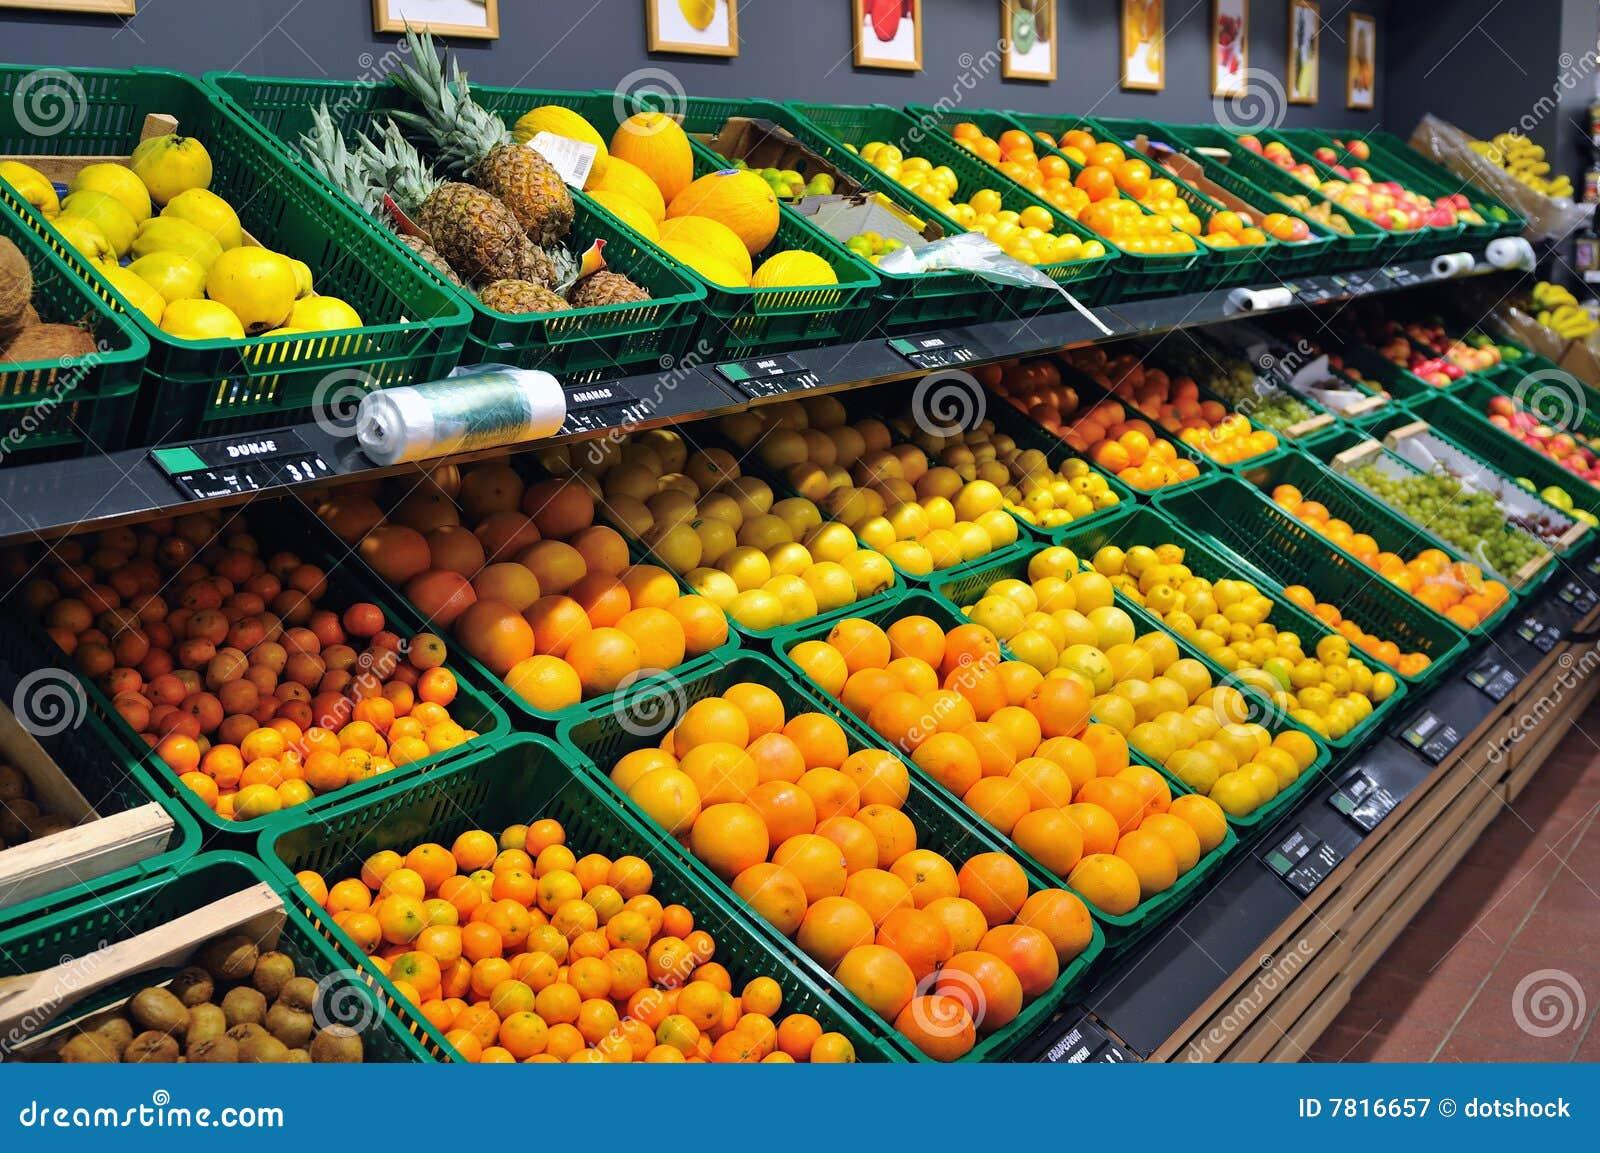 frische fr chte im supermarkt stockbild bild von erzeugnis lebensmittelgesch ft 7816657. Black Bedroom Furniture Sets. Home Design Ideas